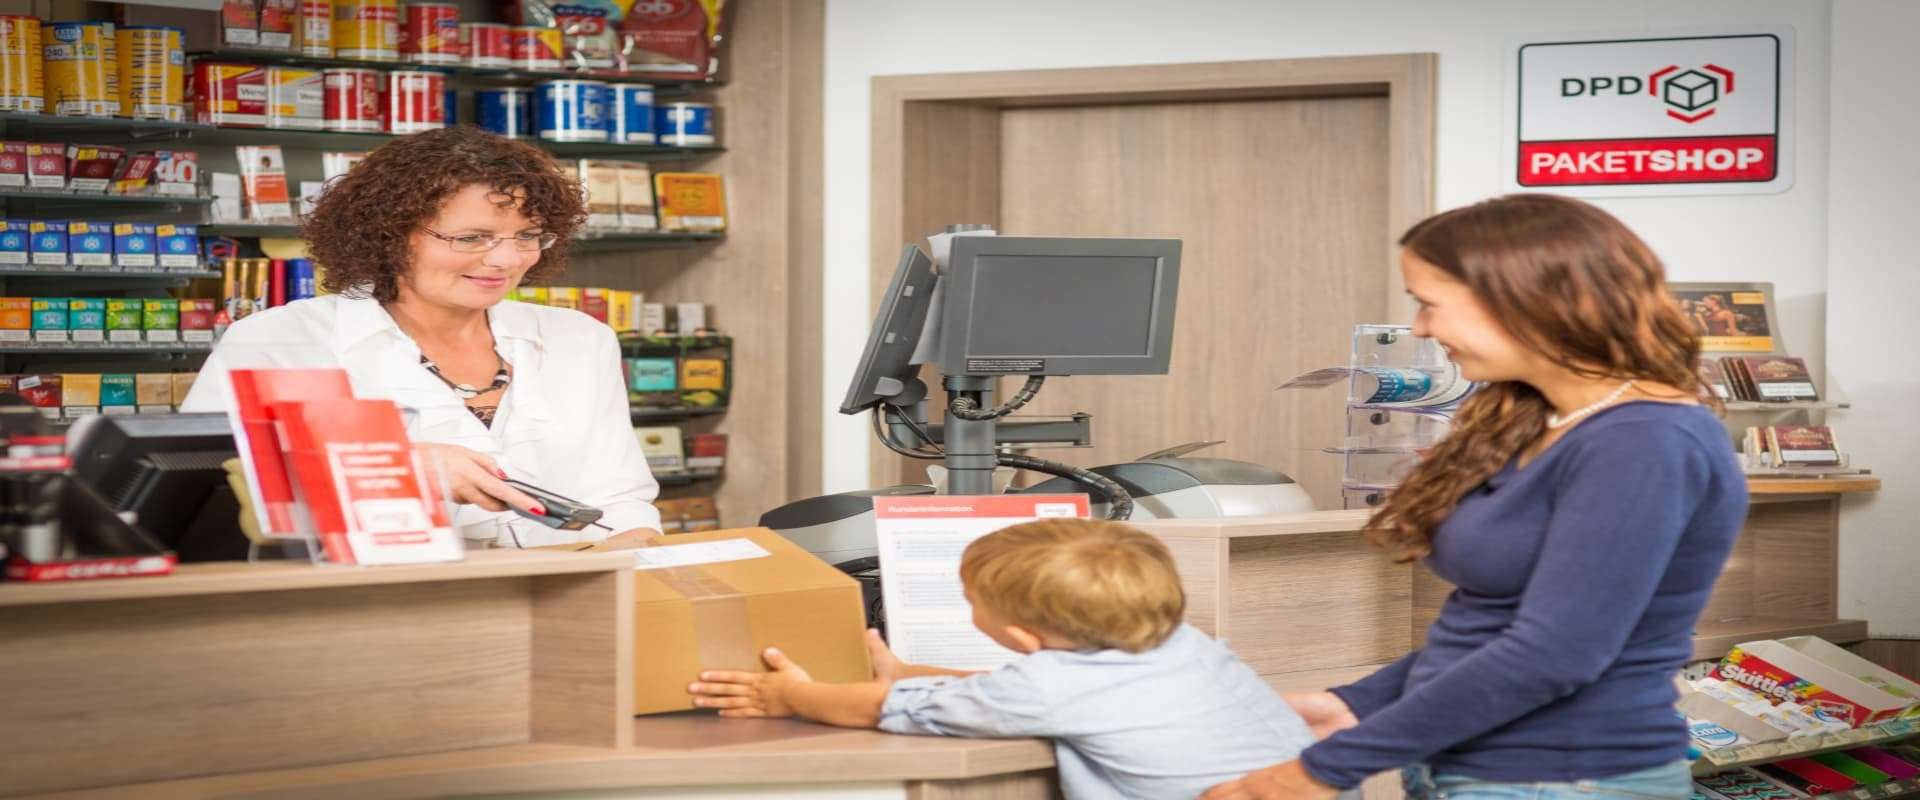 Für Paketshops: E-Mail-Benachrichtigung für Kunden